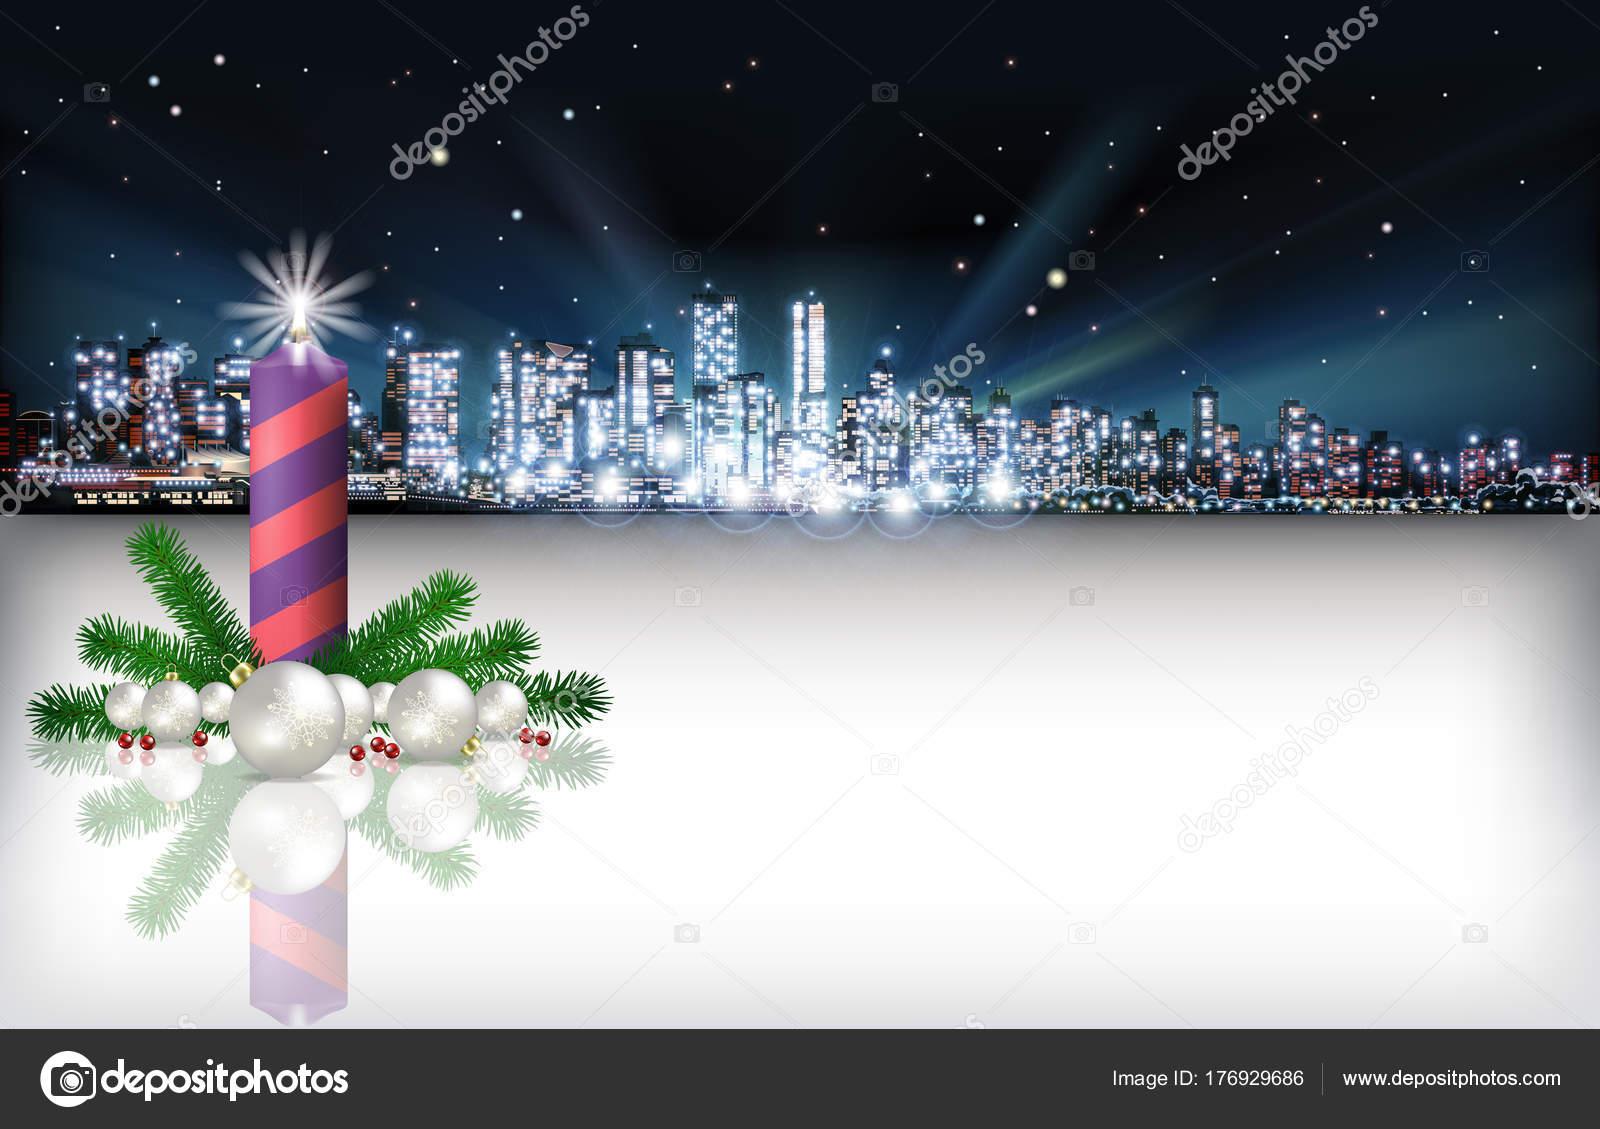 Abstrakte Weihnachten Begrüßung mit Silhouette der Stadt ...